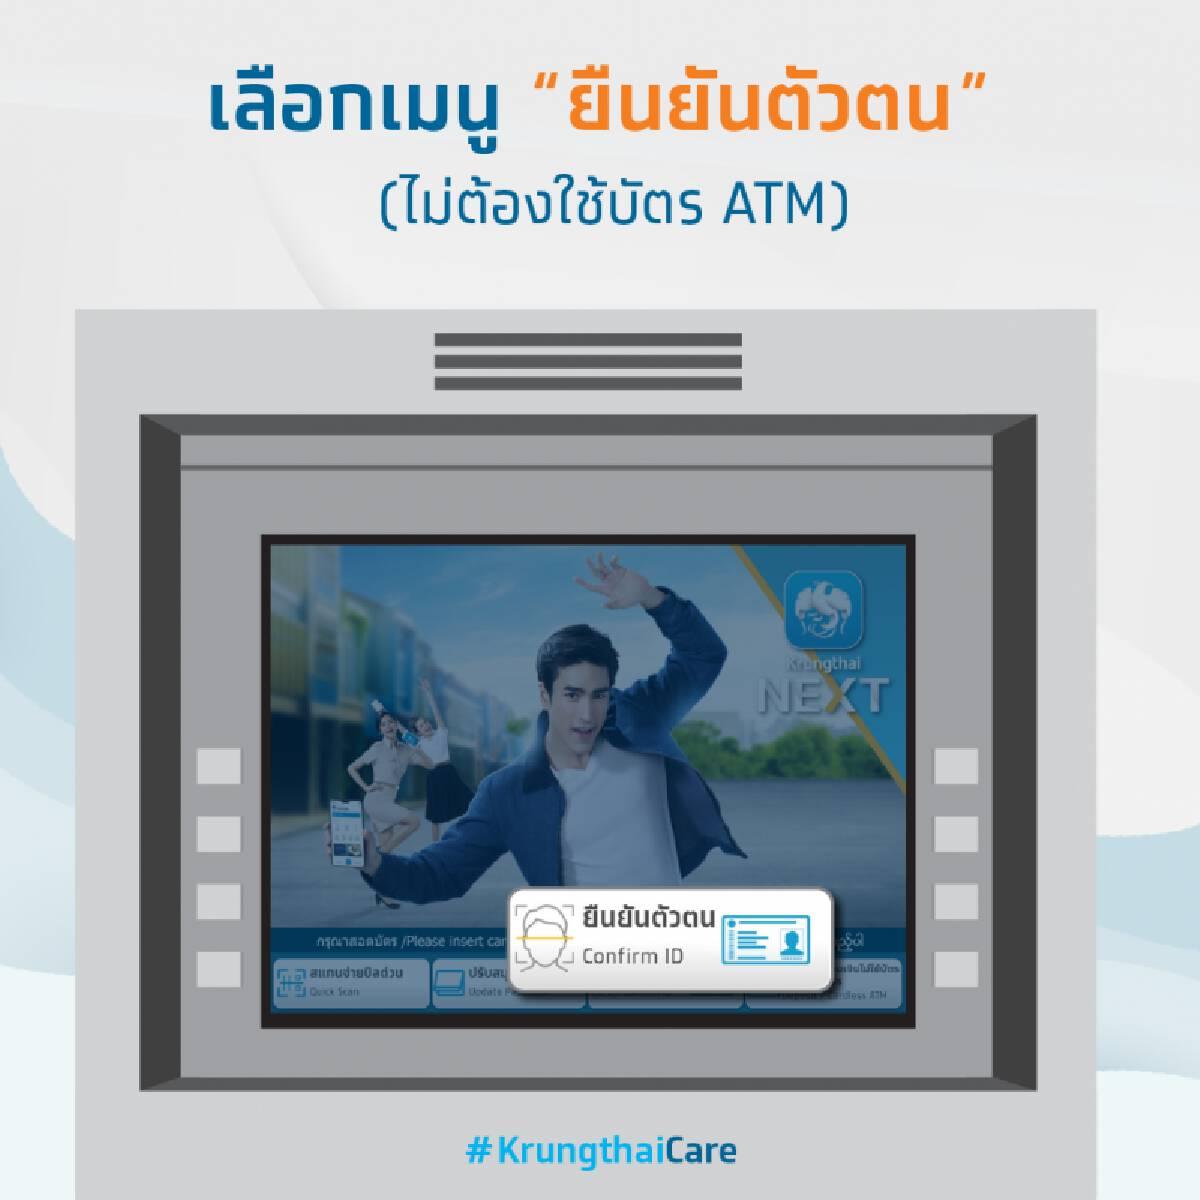 ลงทะเบียนคนละครึ่งรอบ2 ยืนยันตัวตนคนละครึ่งไม่ผ่าน ATM กรุงไทยมีตัวช่วย